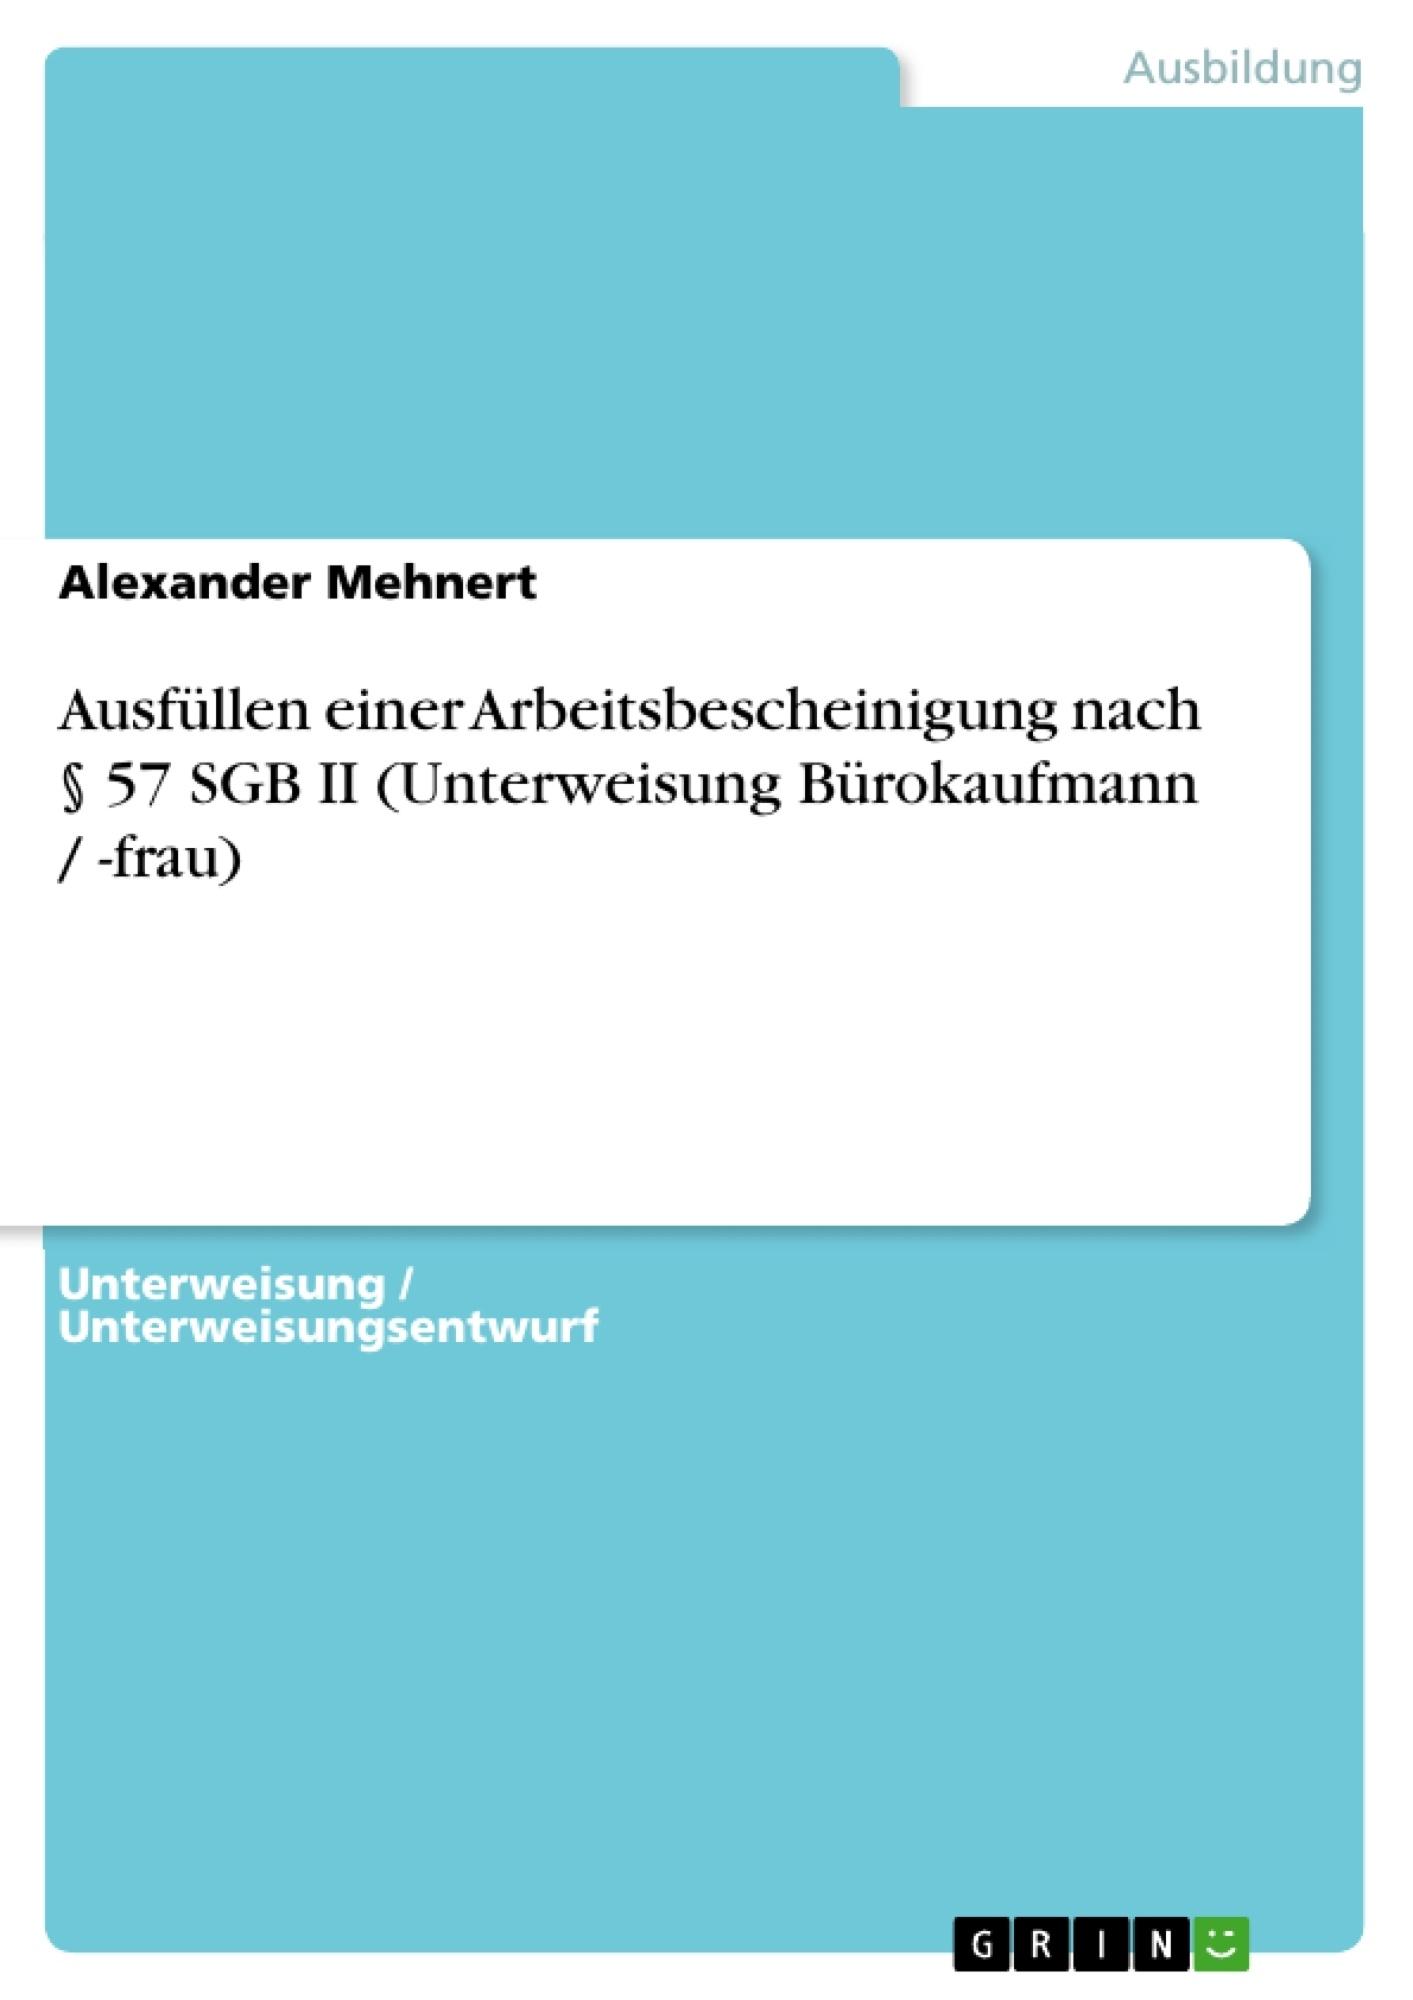 Titel: Ausfüllen einer Arbeitsbescheinigung nach § 57 SGB II (Unterweisung Bürokaufmann / -frau)